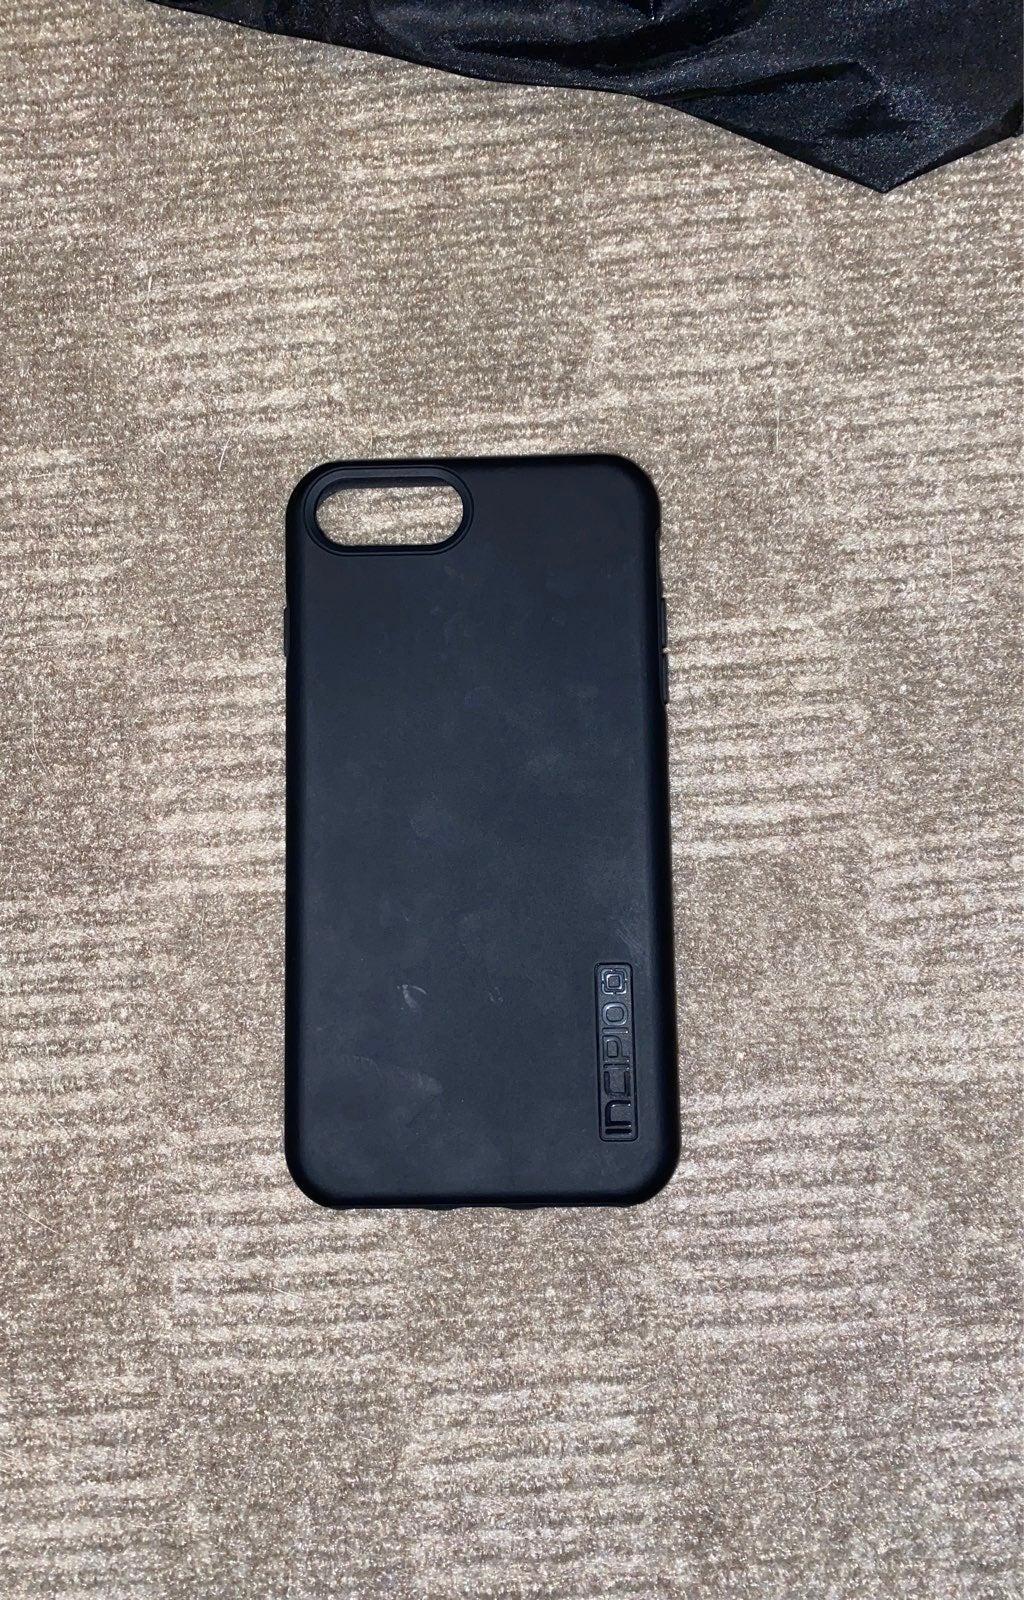 iPhone 8 plus incipip case